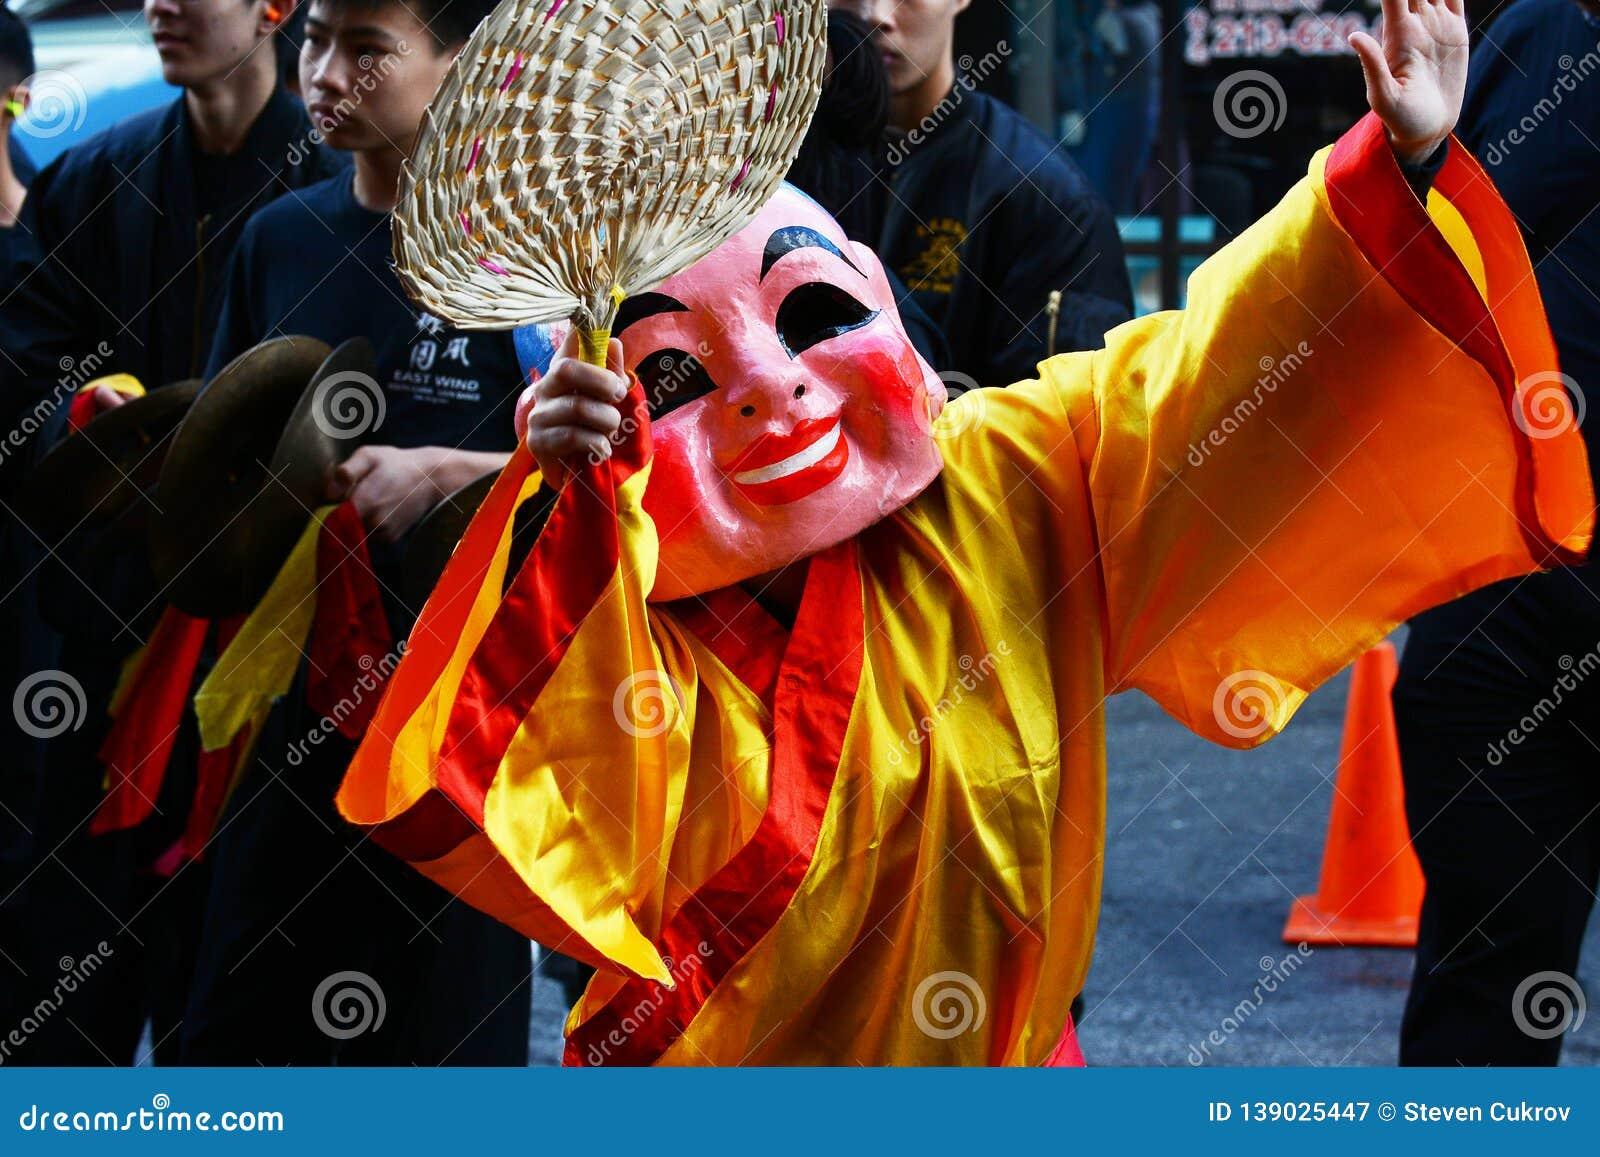 Εκτελεστής στο κοστούμι στη χρυσή παρέλαση δράκων, που γιορτάζει το κινεζικό νέο έτος